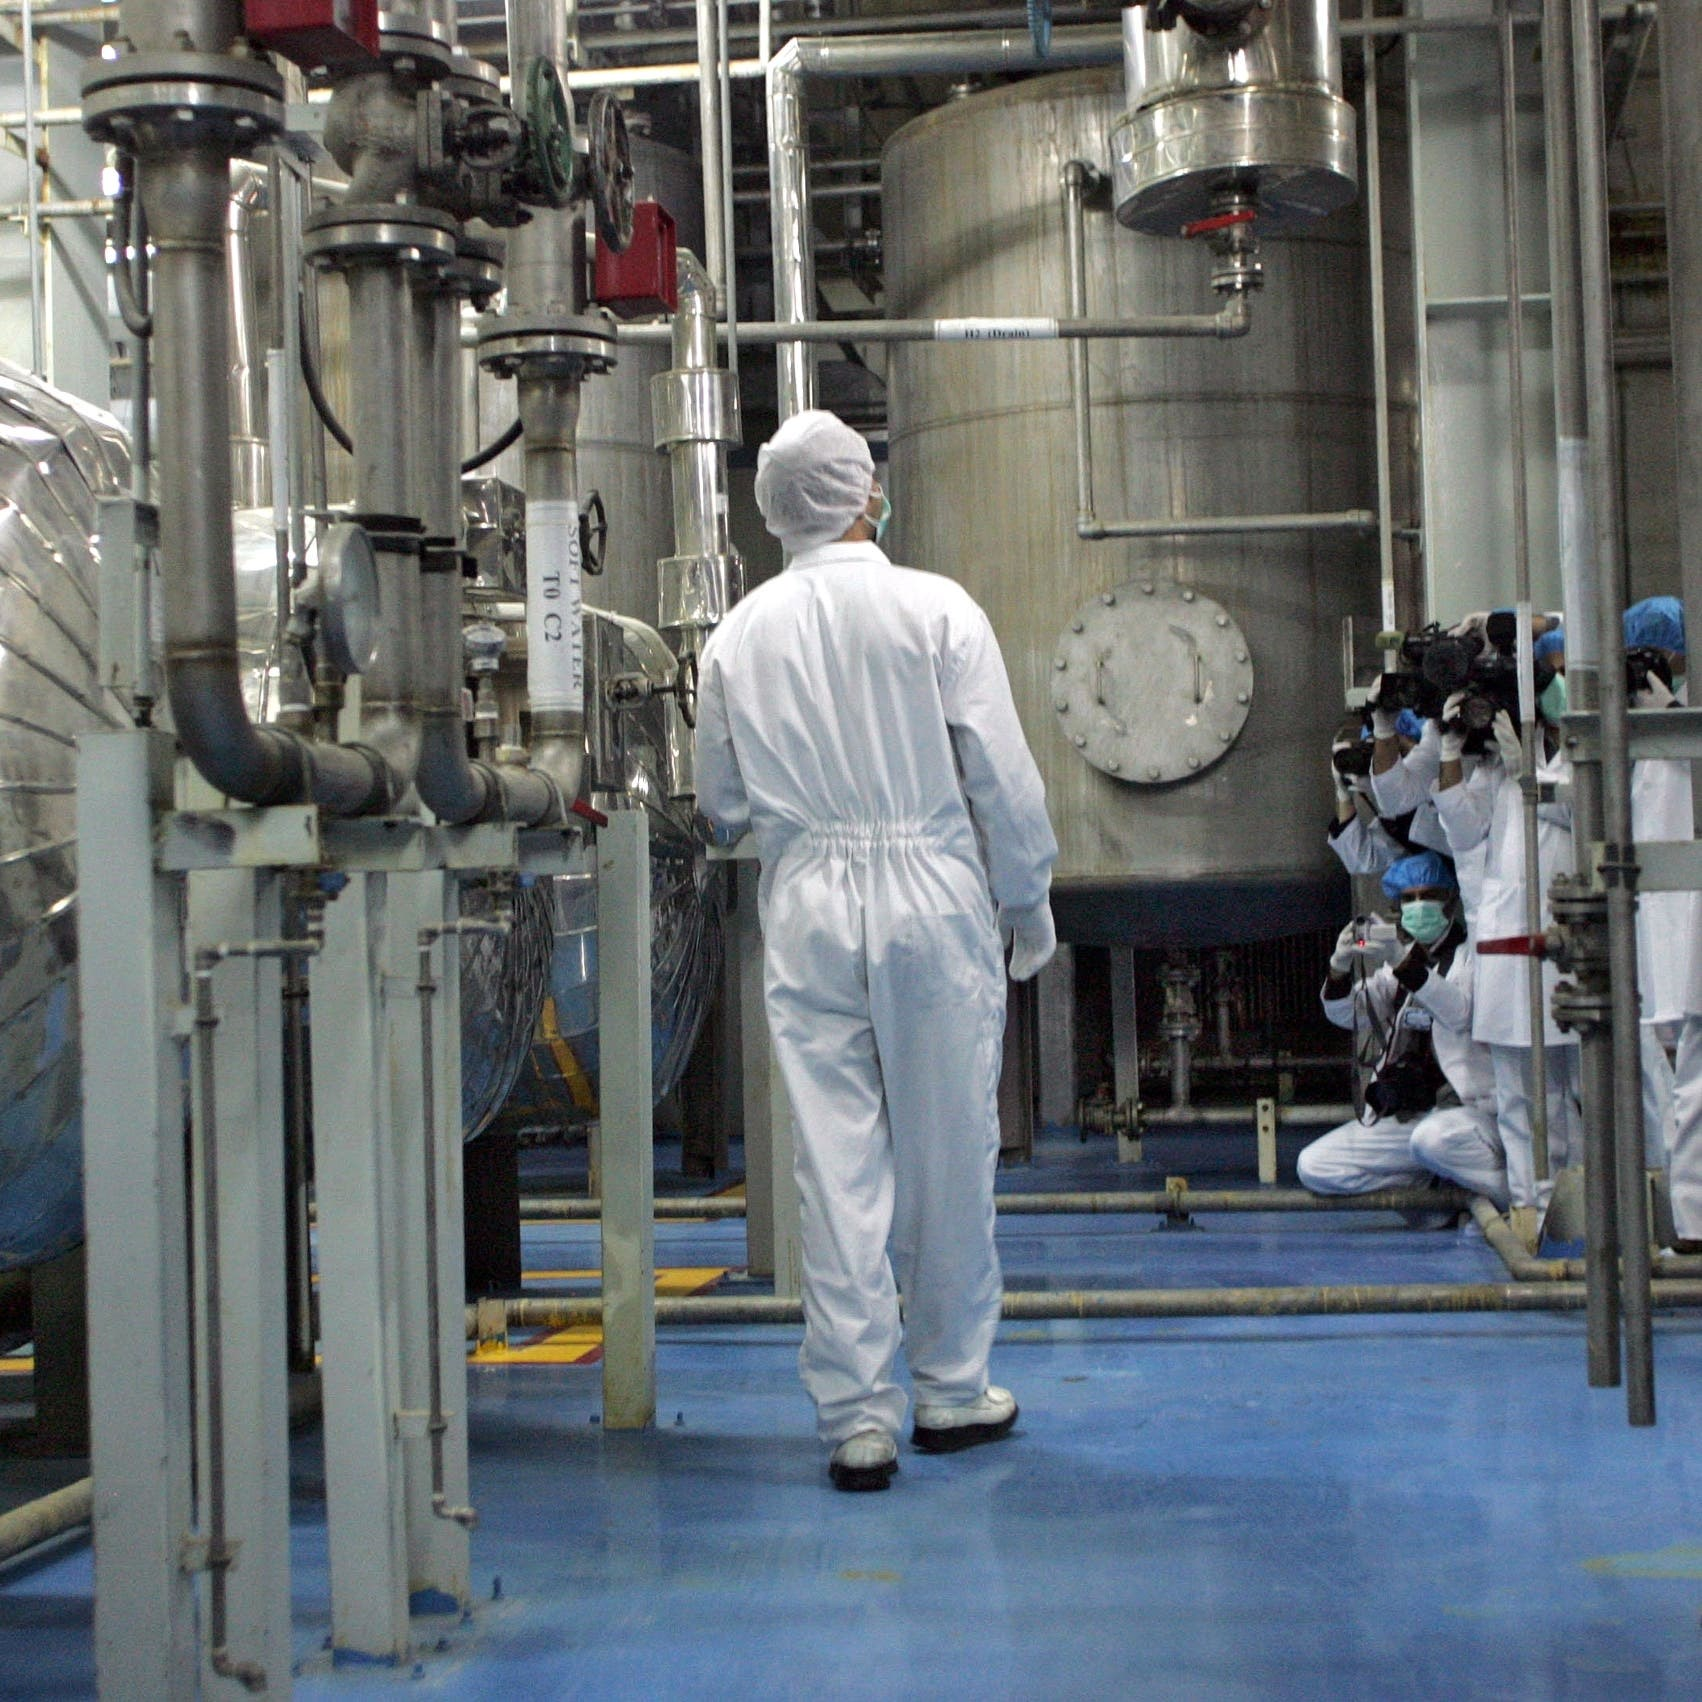 إيران بدأت بتخصيب اليورانيوم بنسبة 20 بالمئة في موقع فوردو النووي